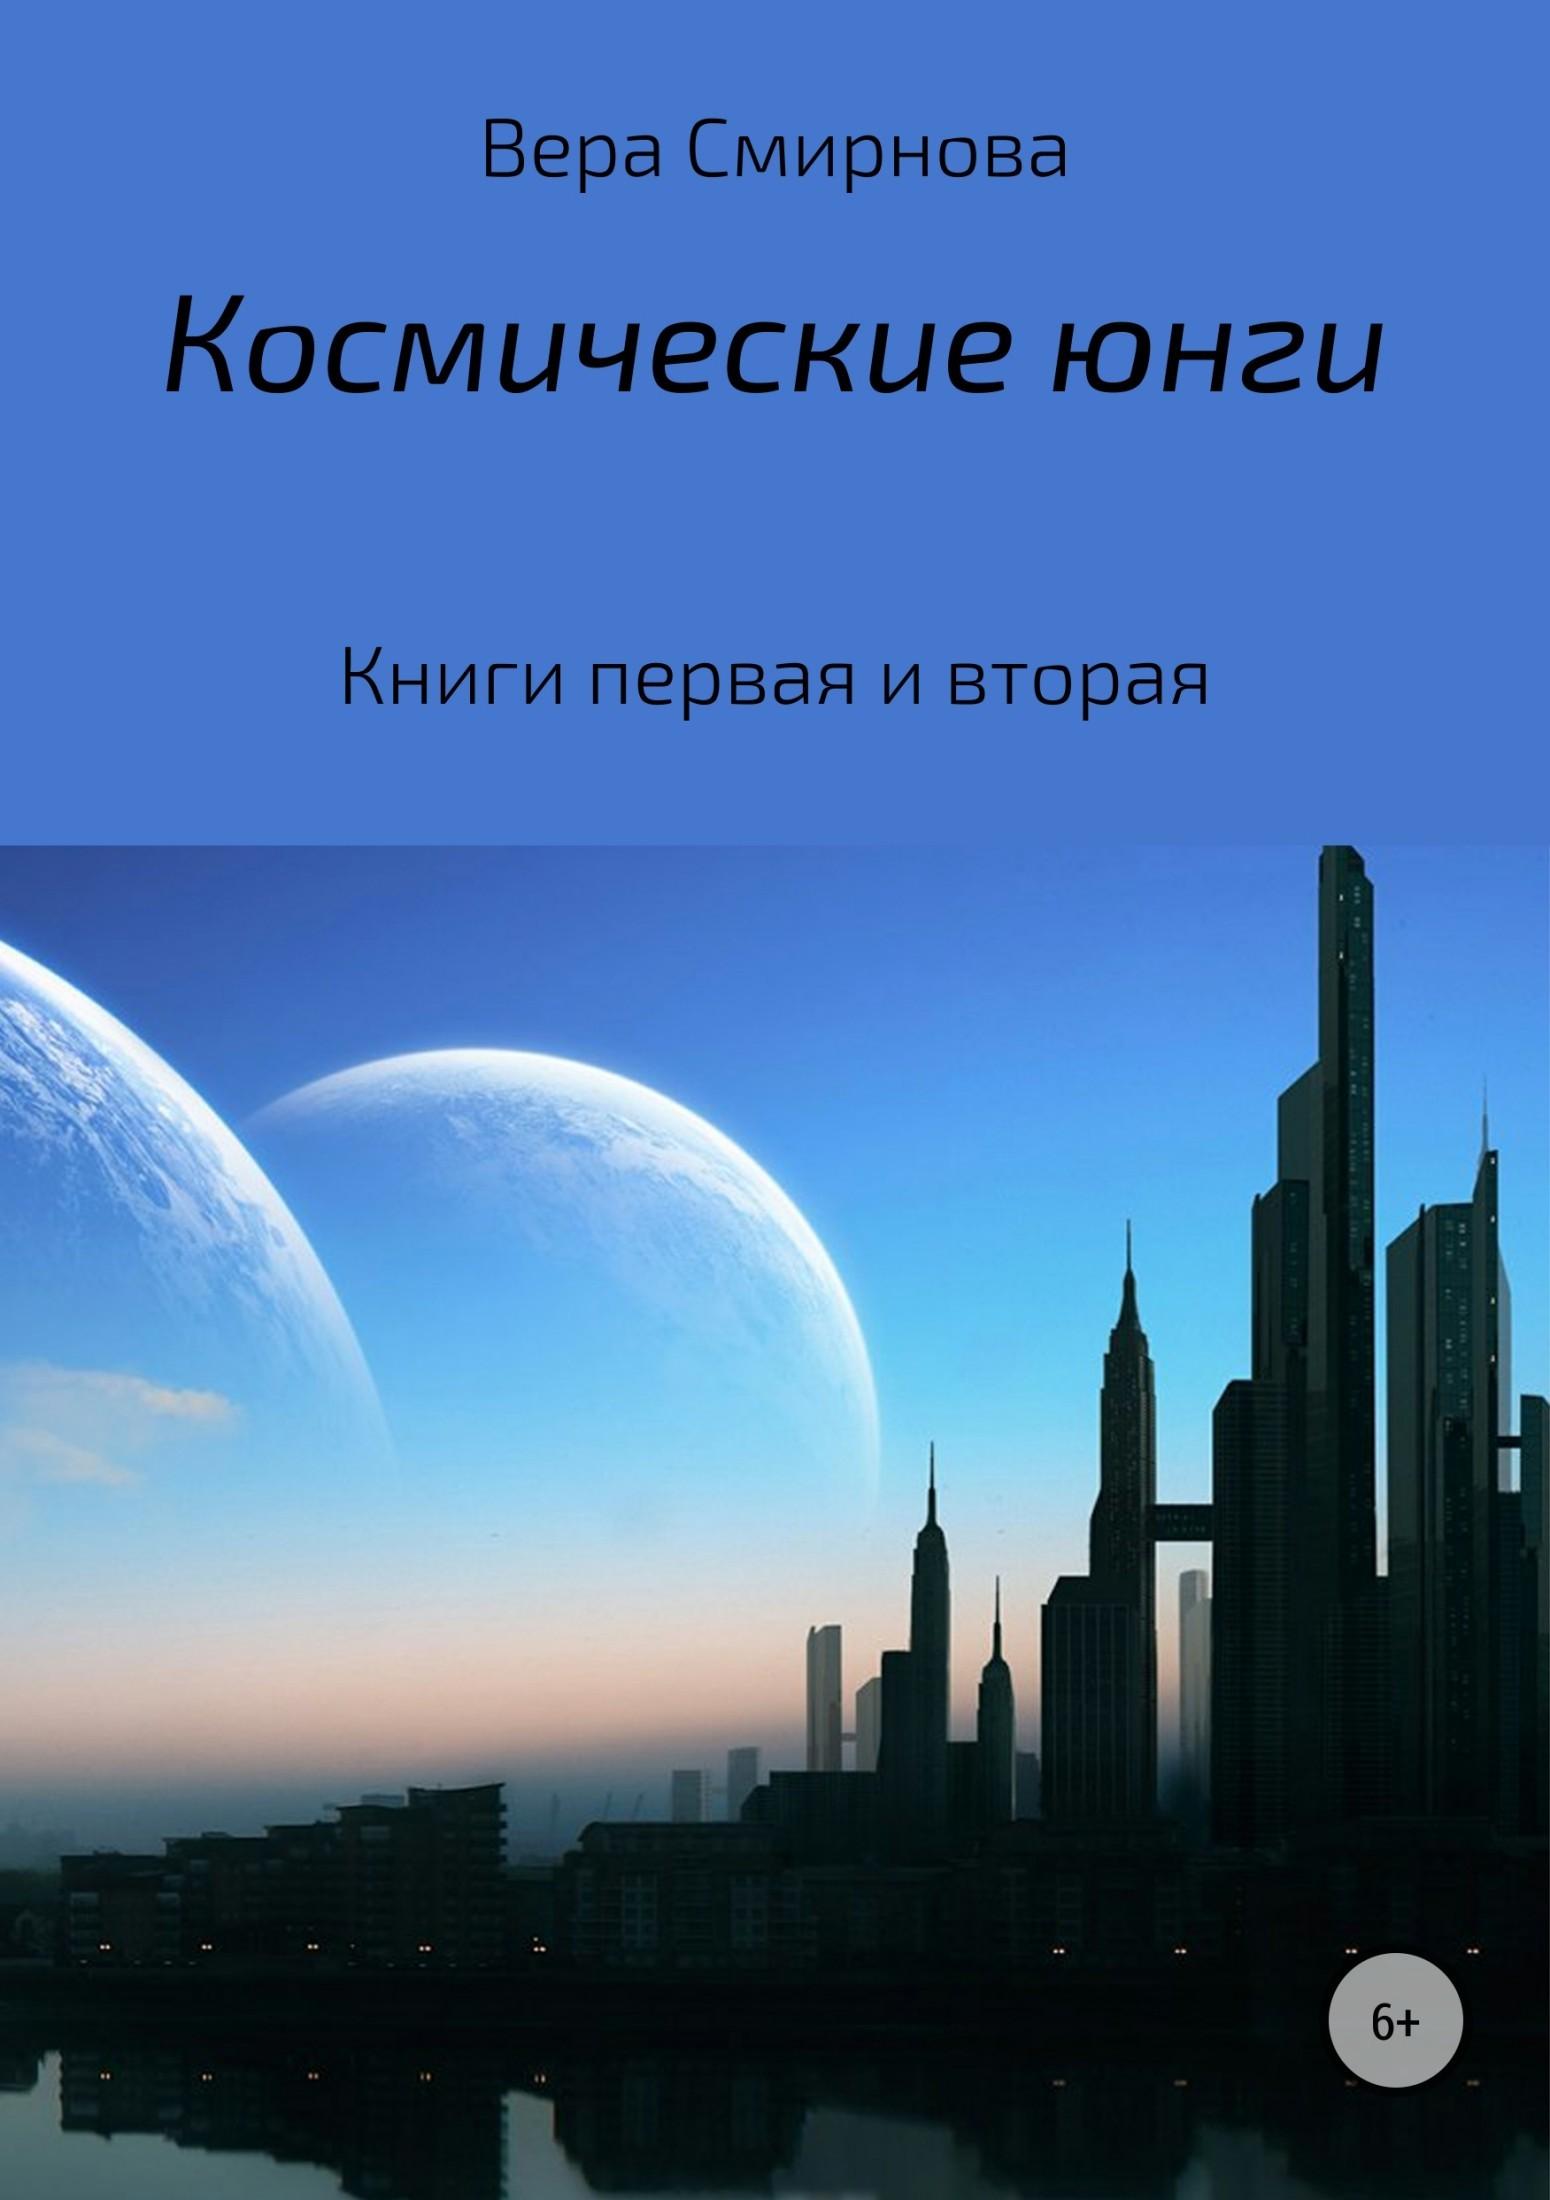 Космические юнги_Вера Ушеровна Смирнова